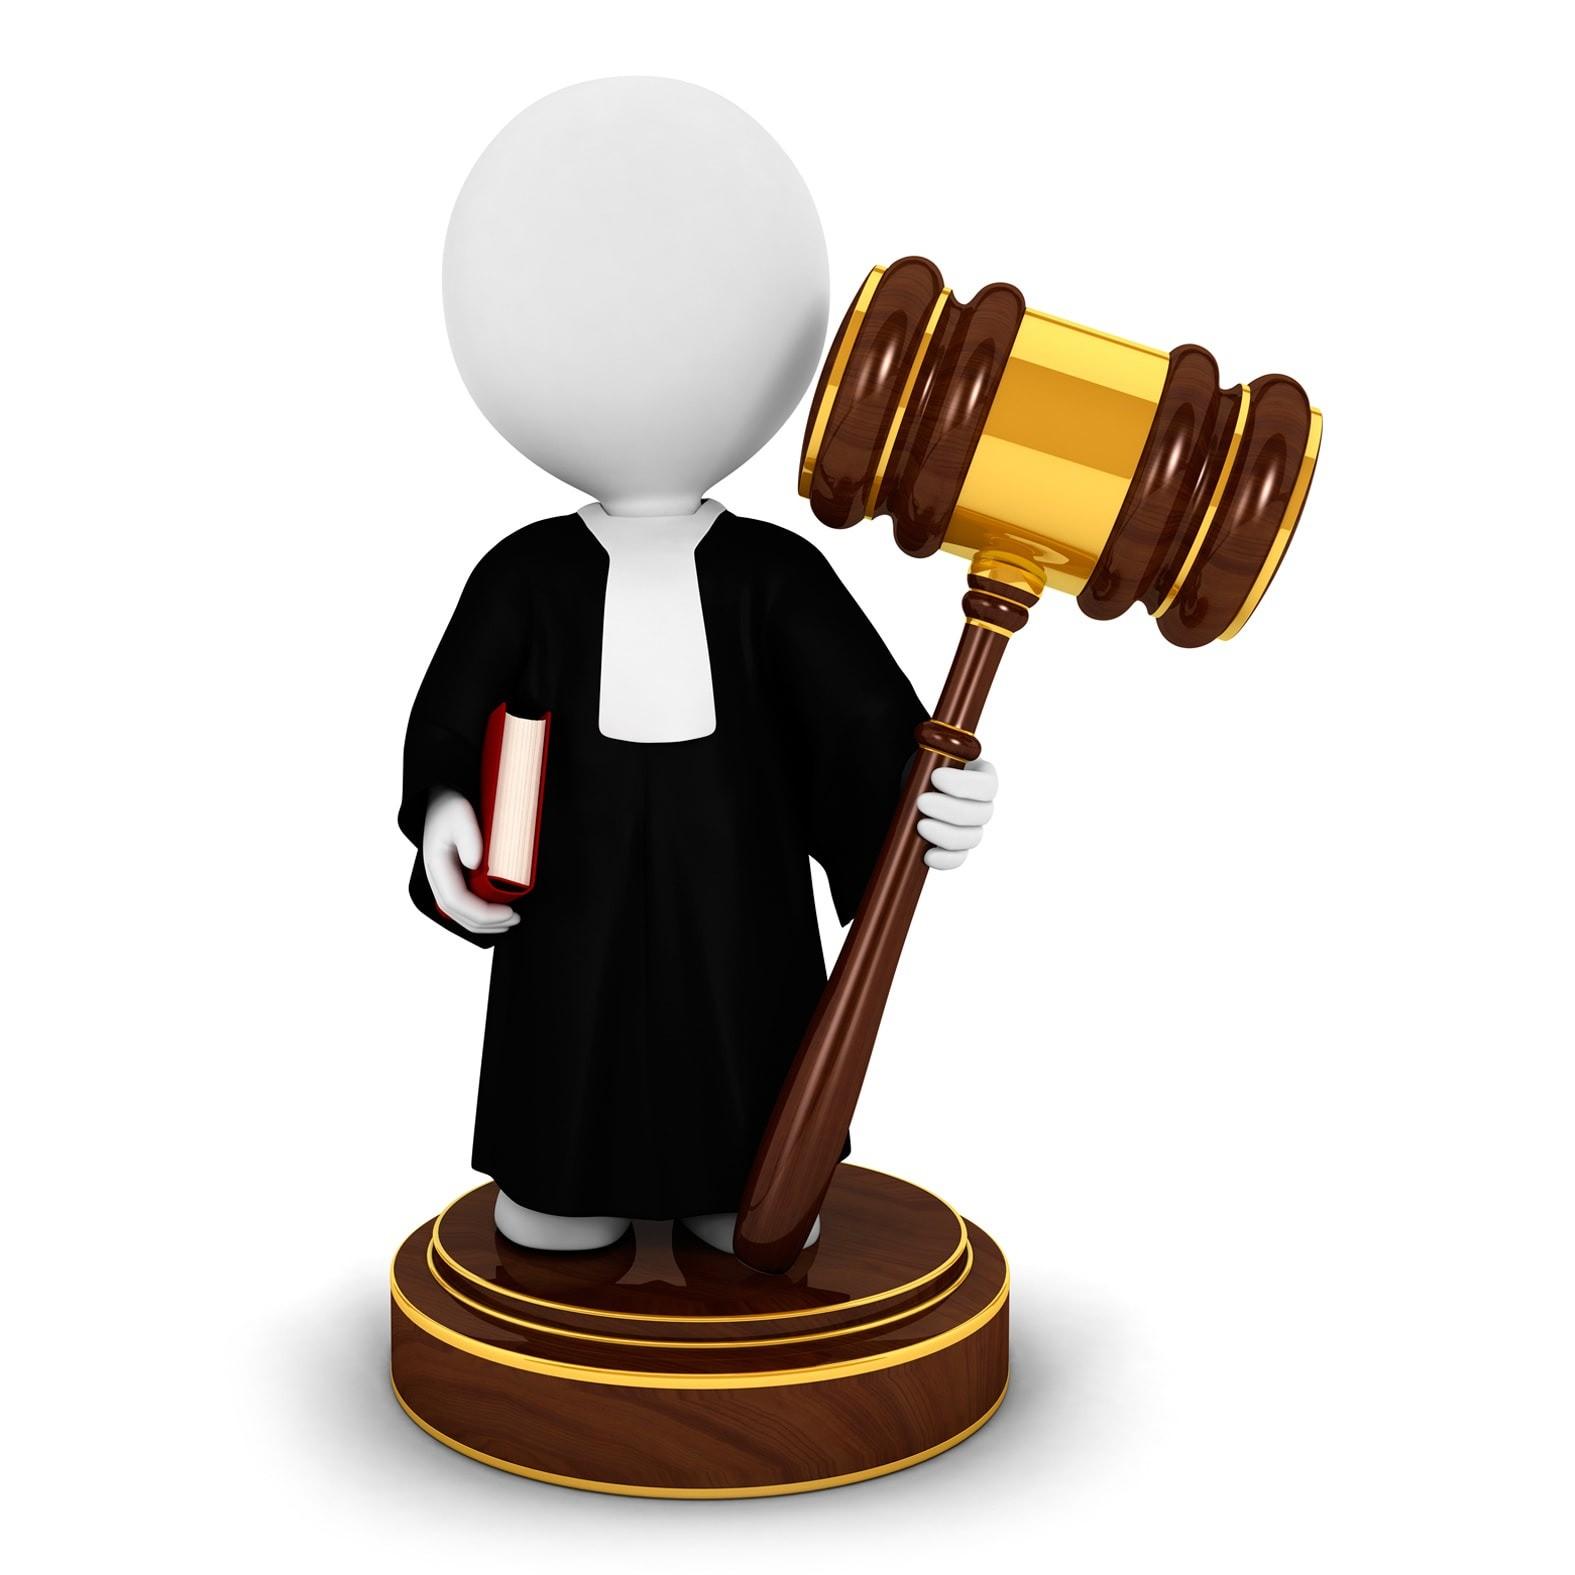 Человечек в мантии судьи